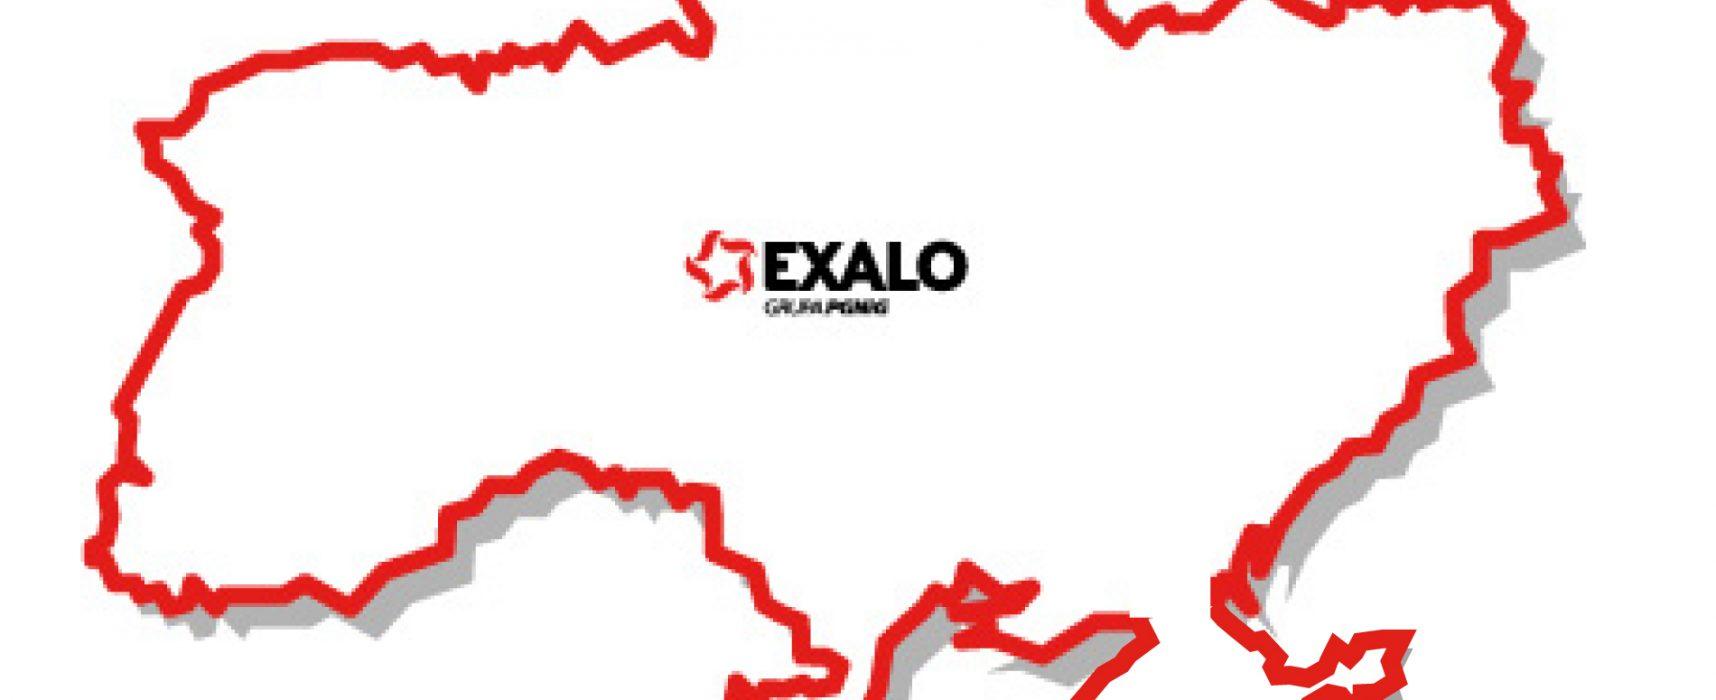 Польская энергокомпания извинилась за карту с изображением «российского» Крыма